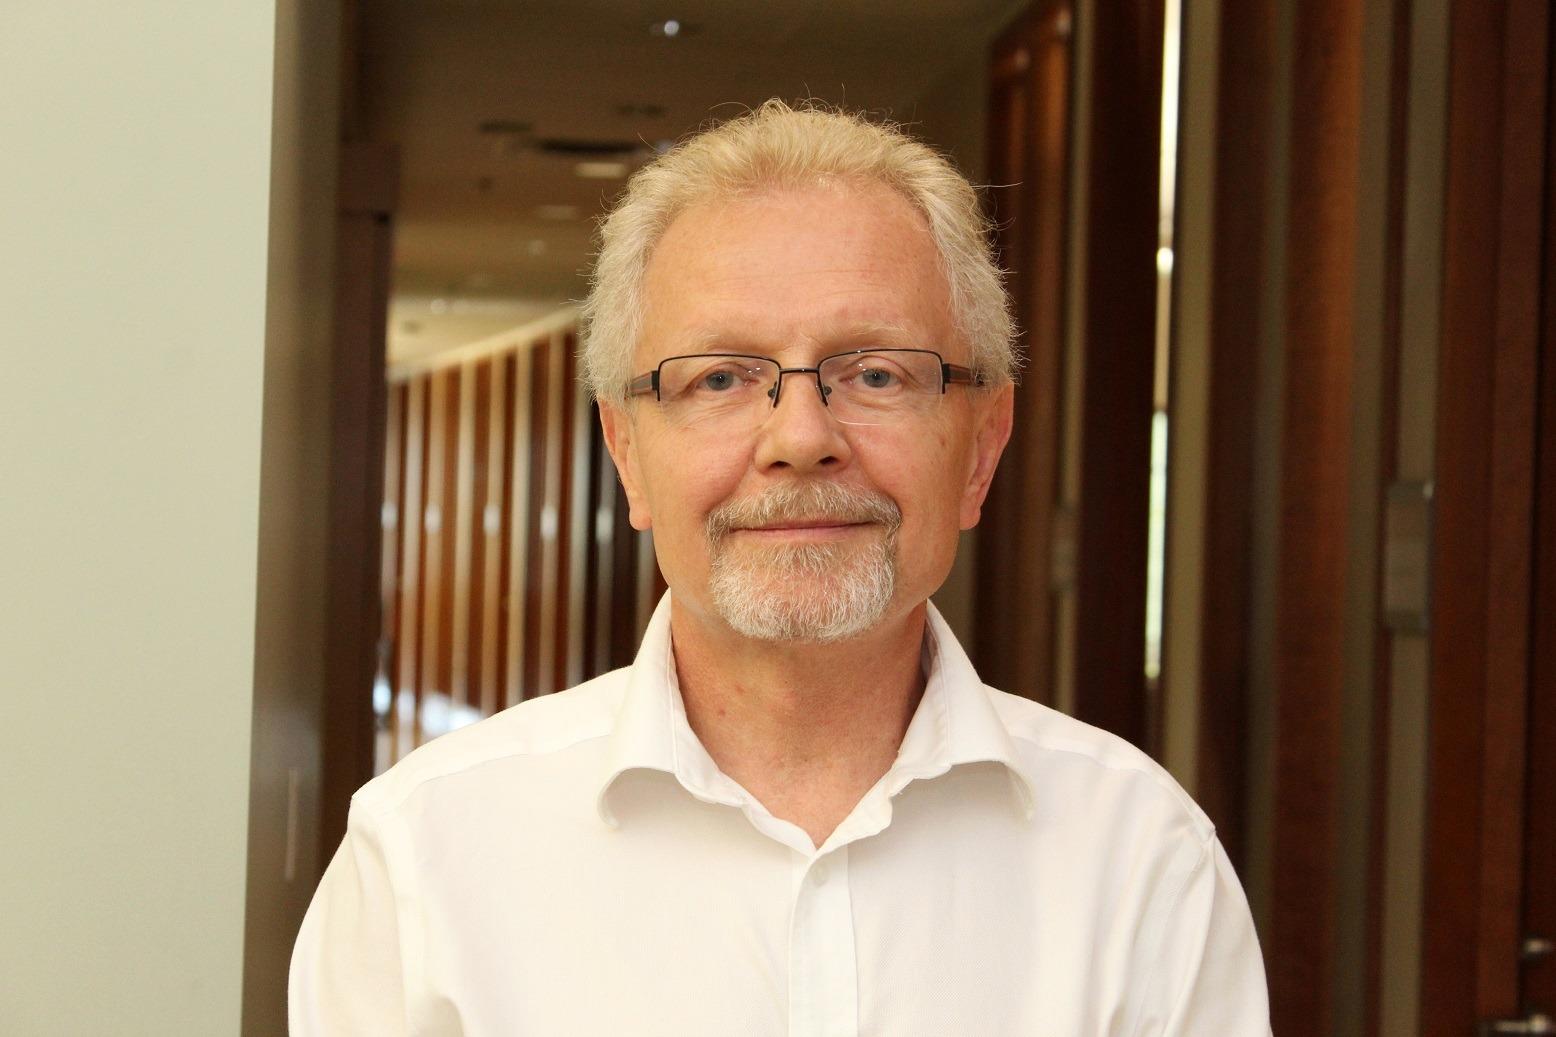 Dr. Wes Oczkowski smiles for a photo